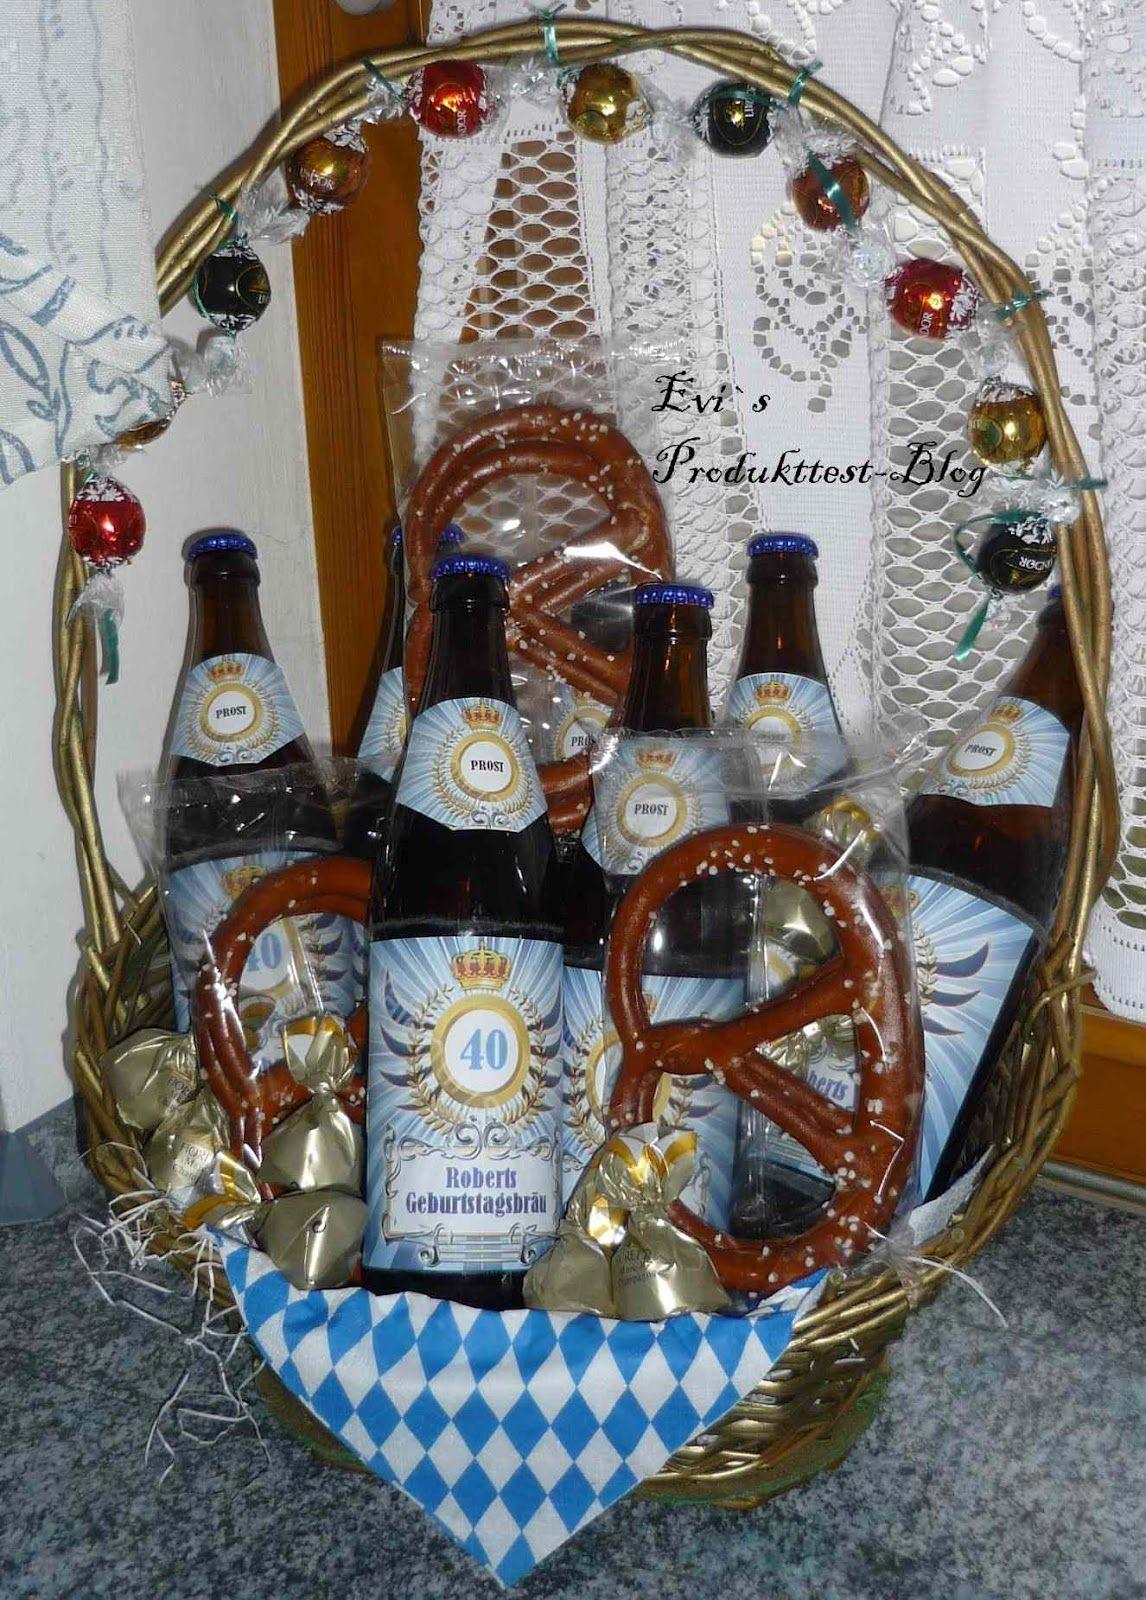 Letzte Woche Hatte Mein Mann Seinen Geburtstag Und Bekam Tolle Und  Originelle Geschenke Geschenkt. Unter Anderem Eine Bier Kur Mit